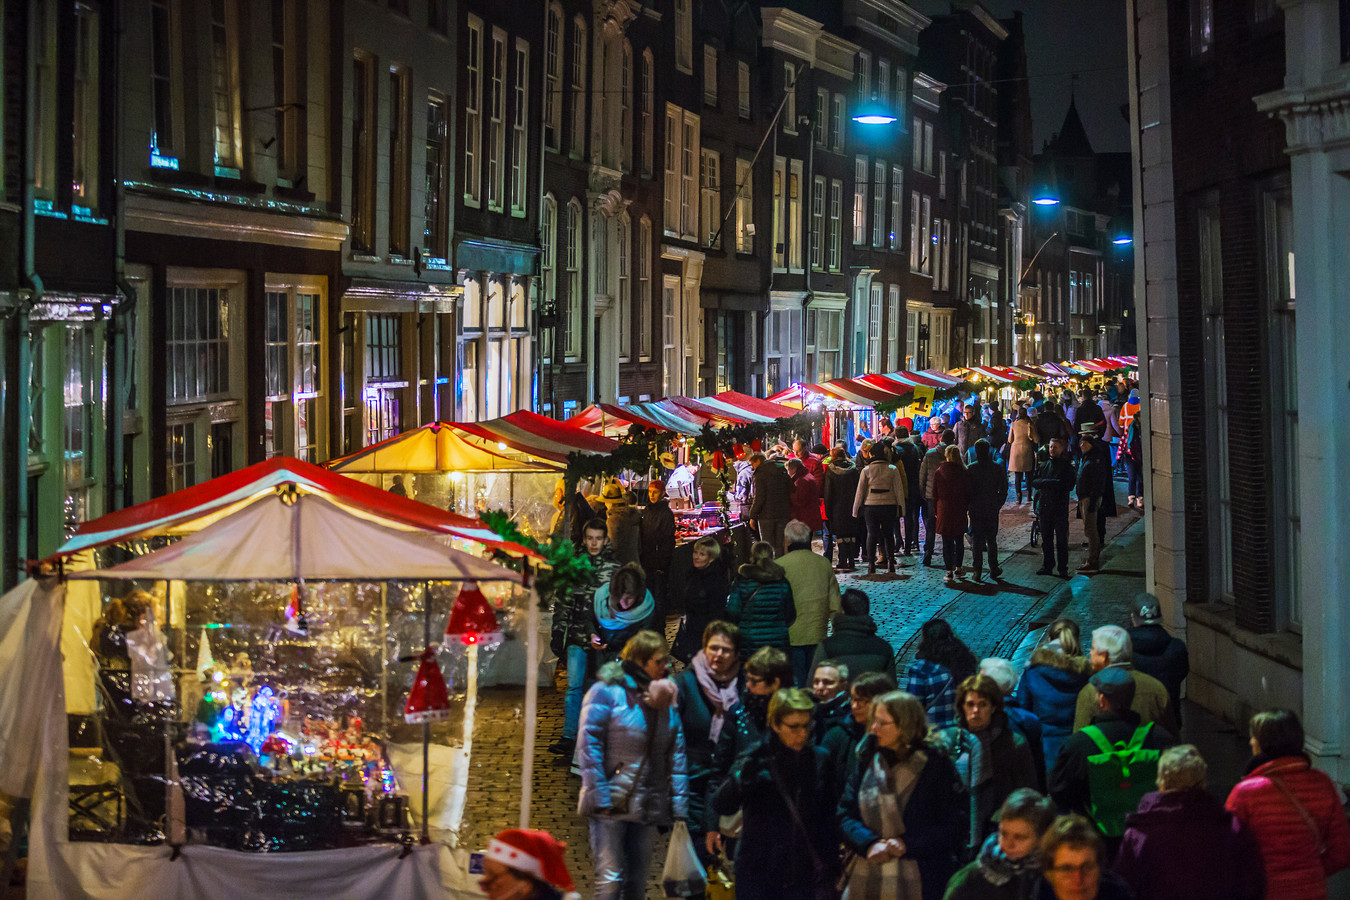 De kerstmarkt in Dordrecht.